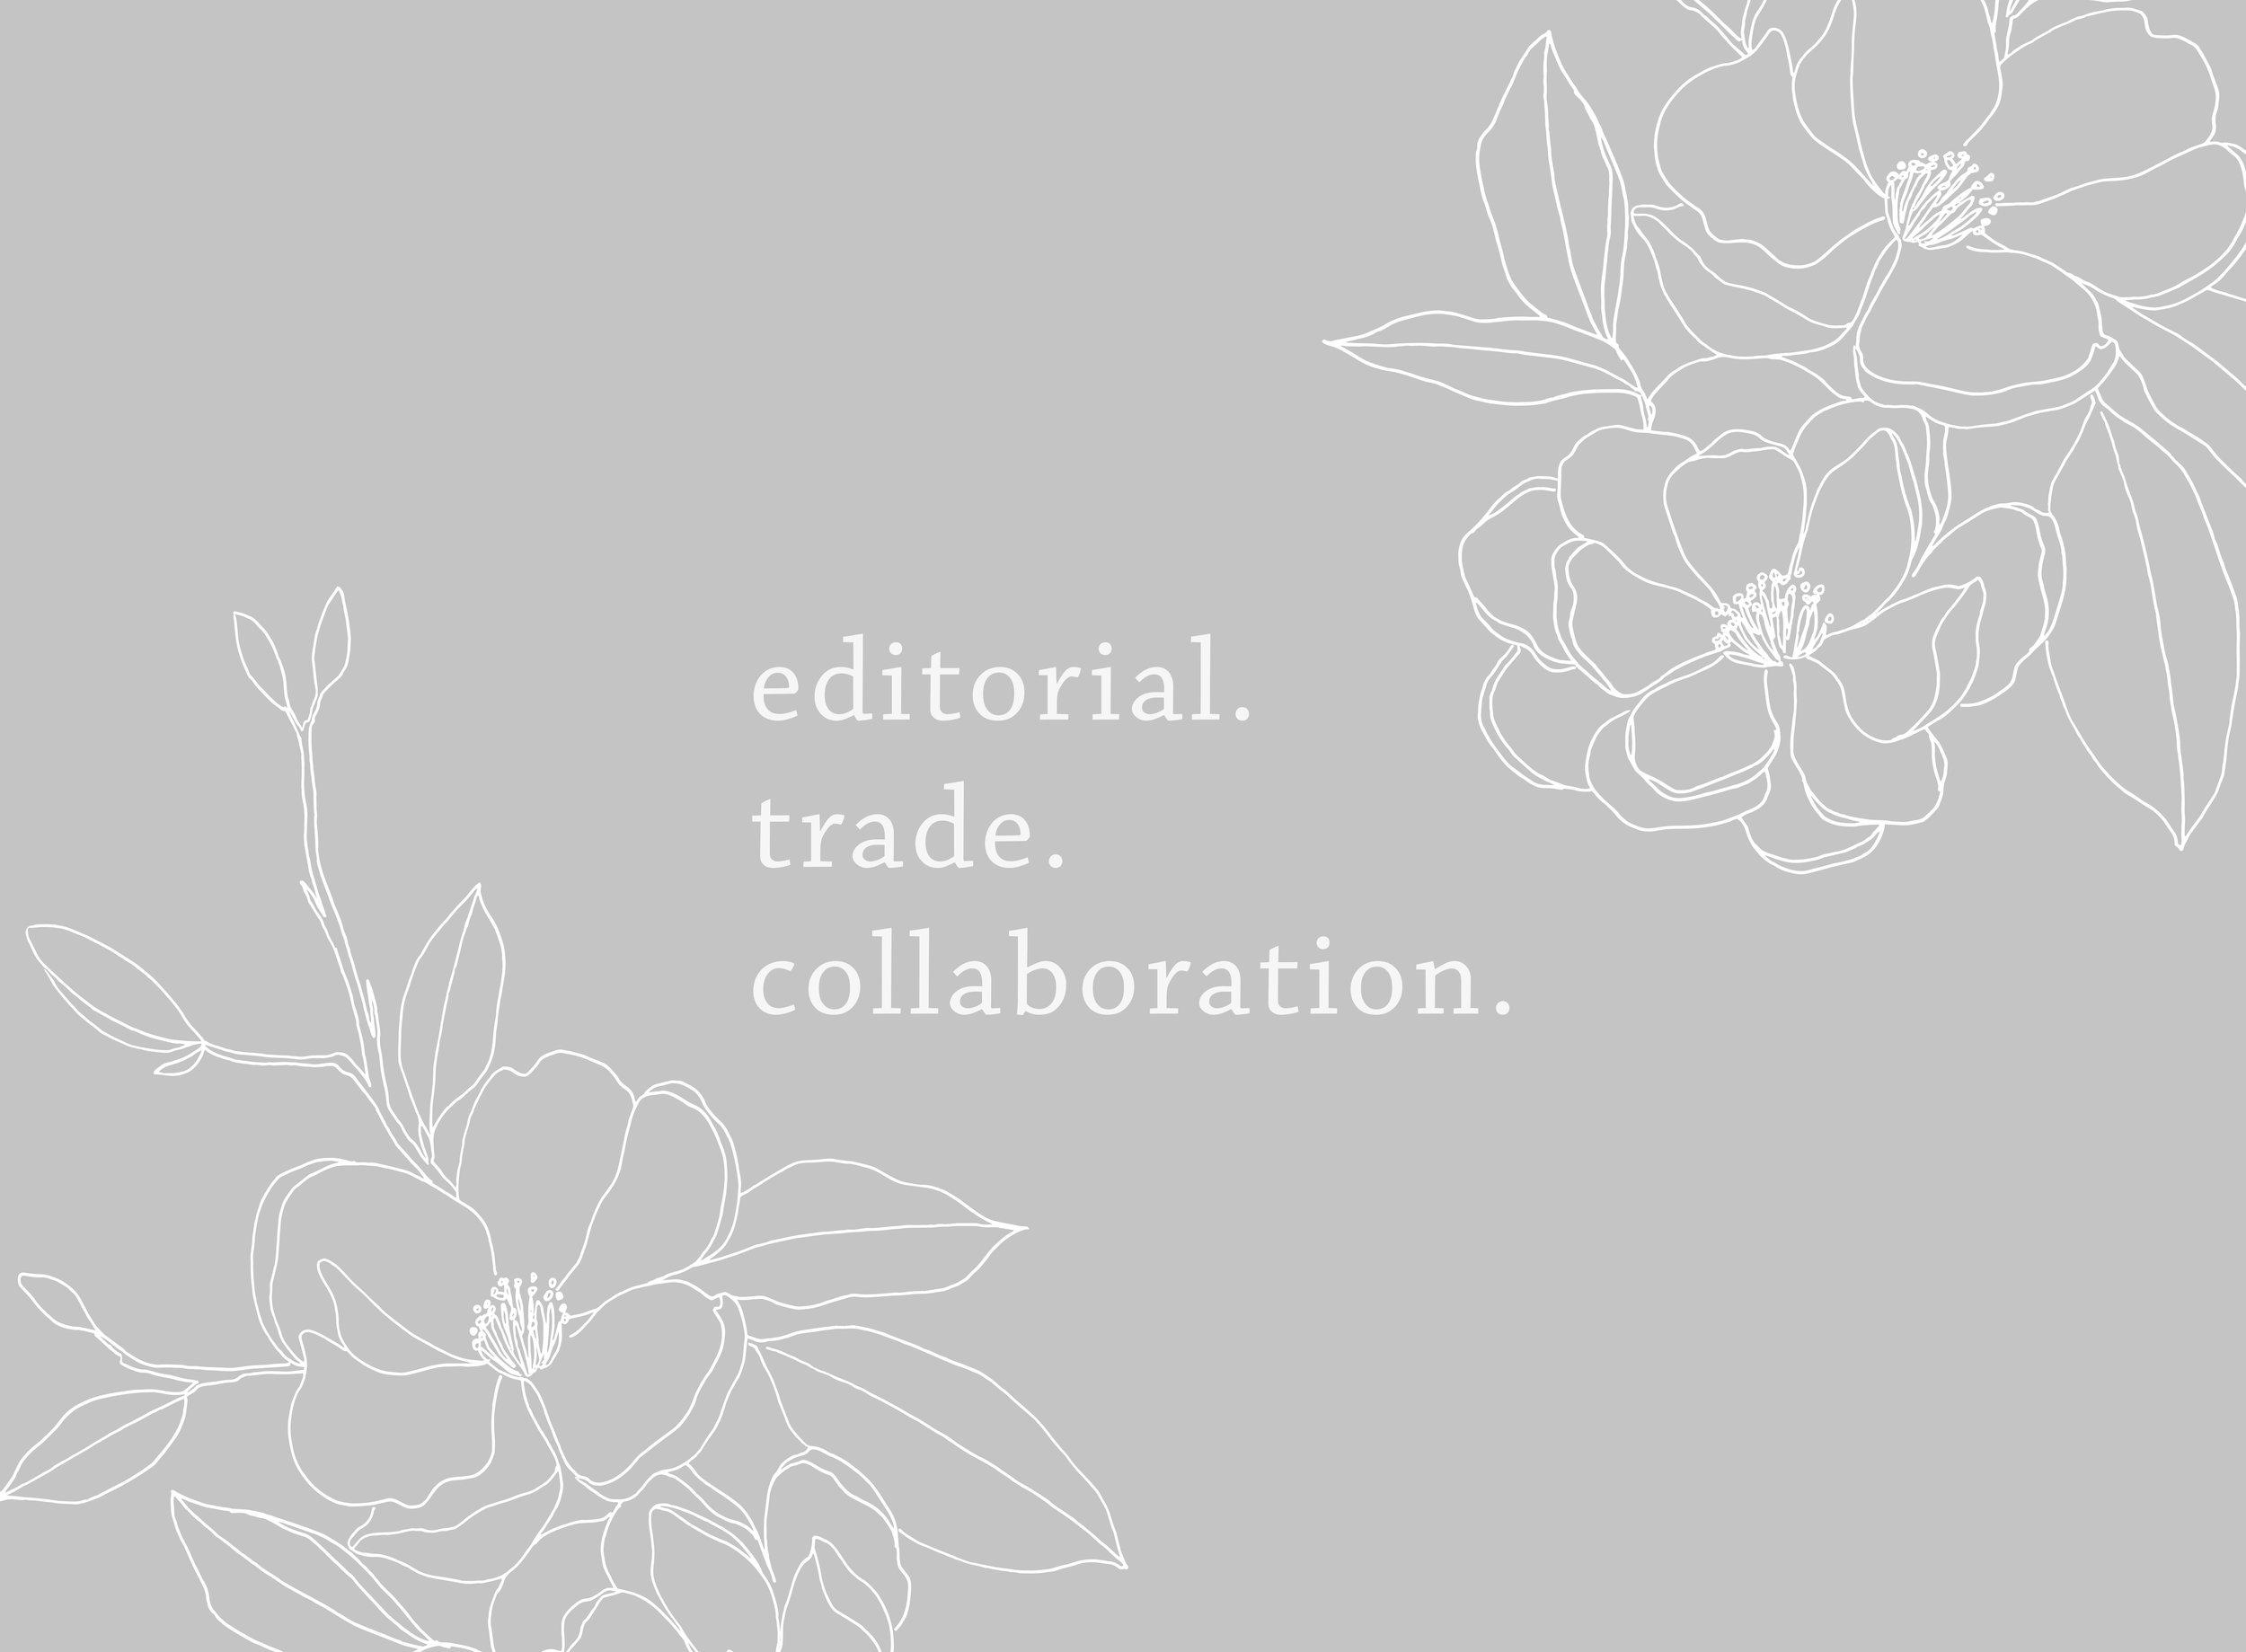 editorial light gray.jpg